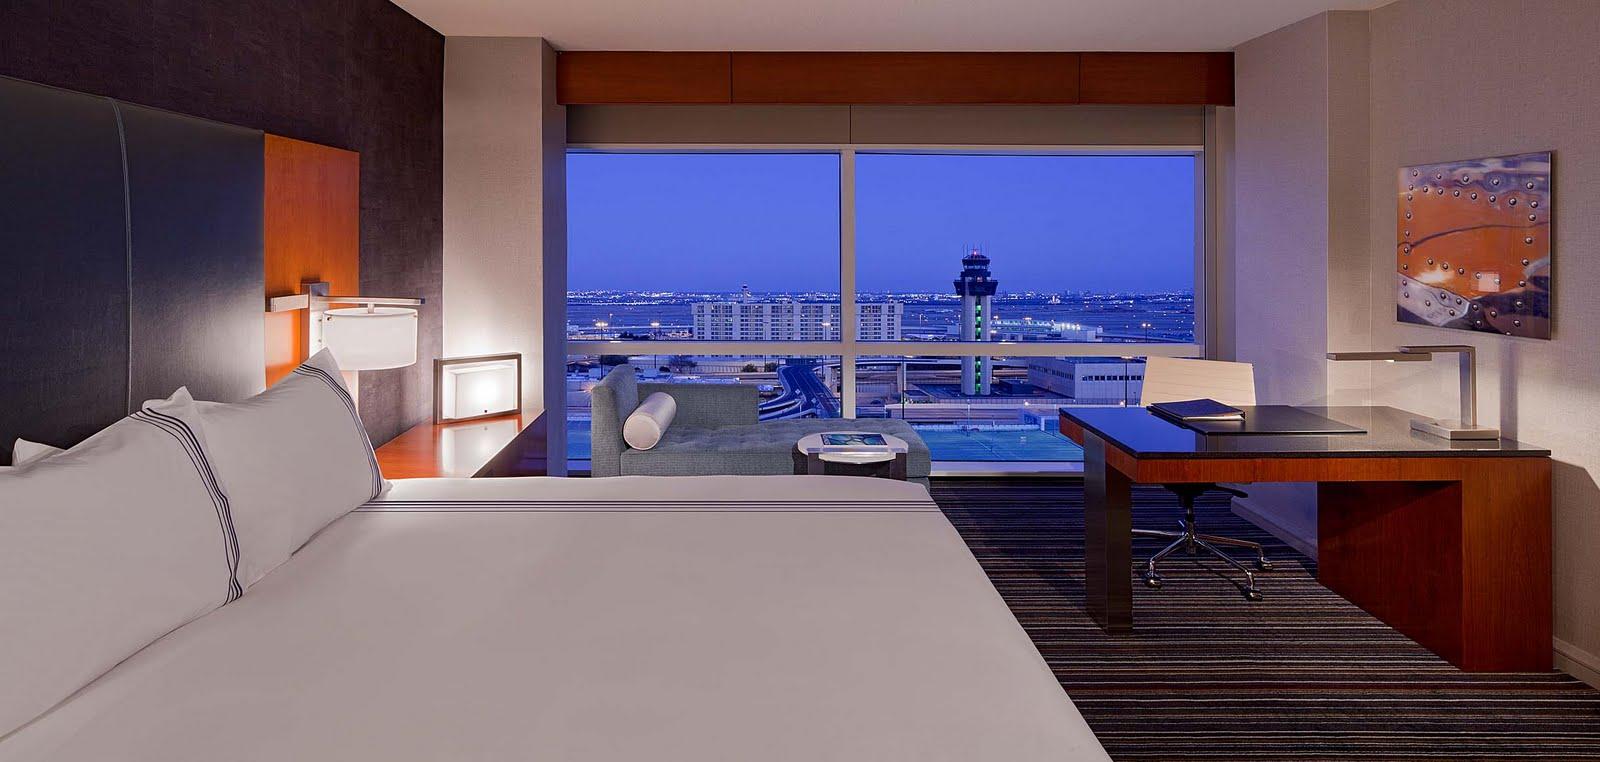 Grand Hyatt Hotel Dallas